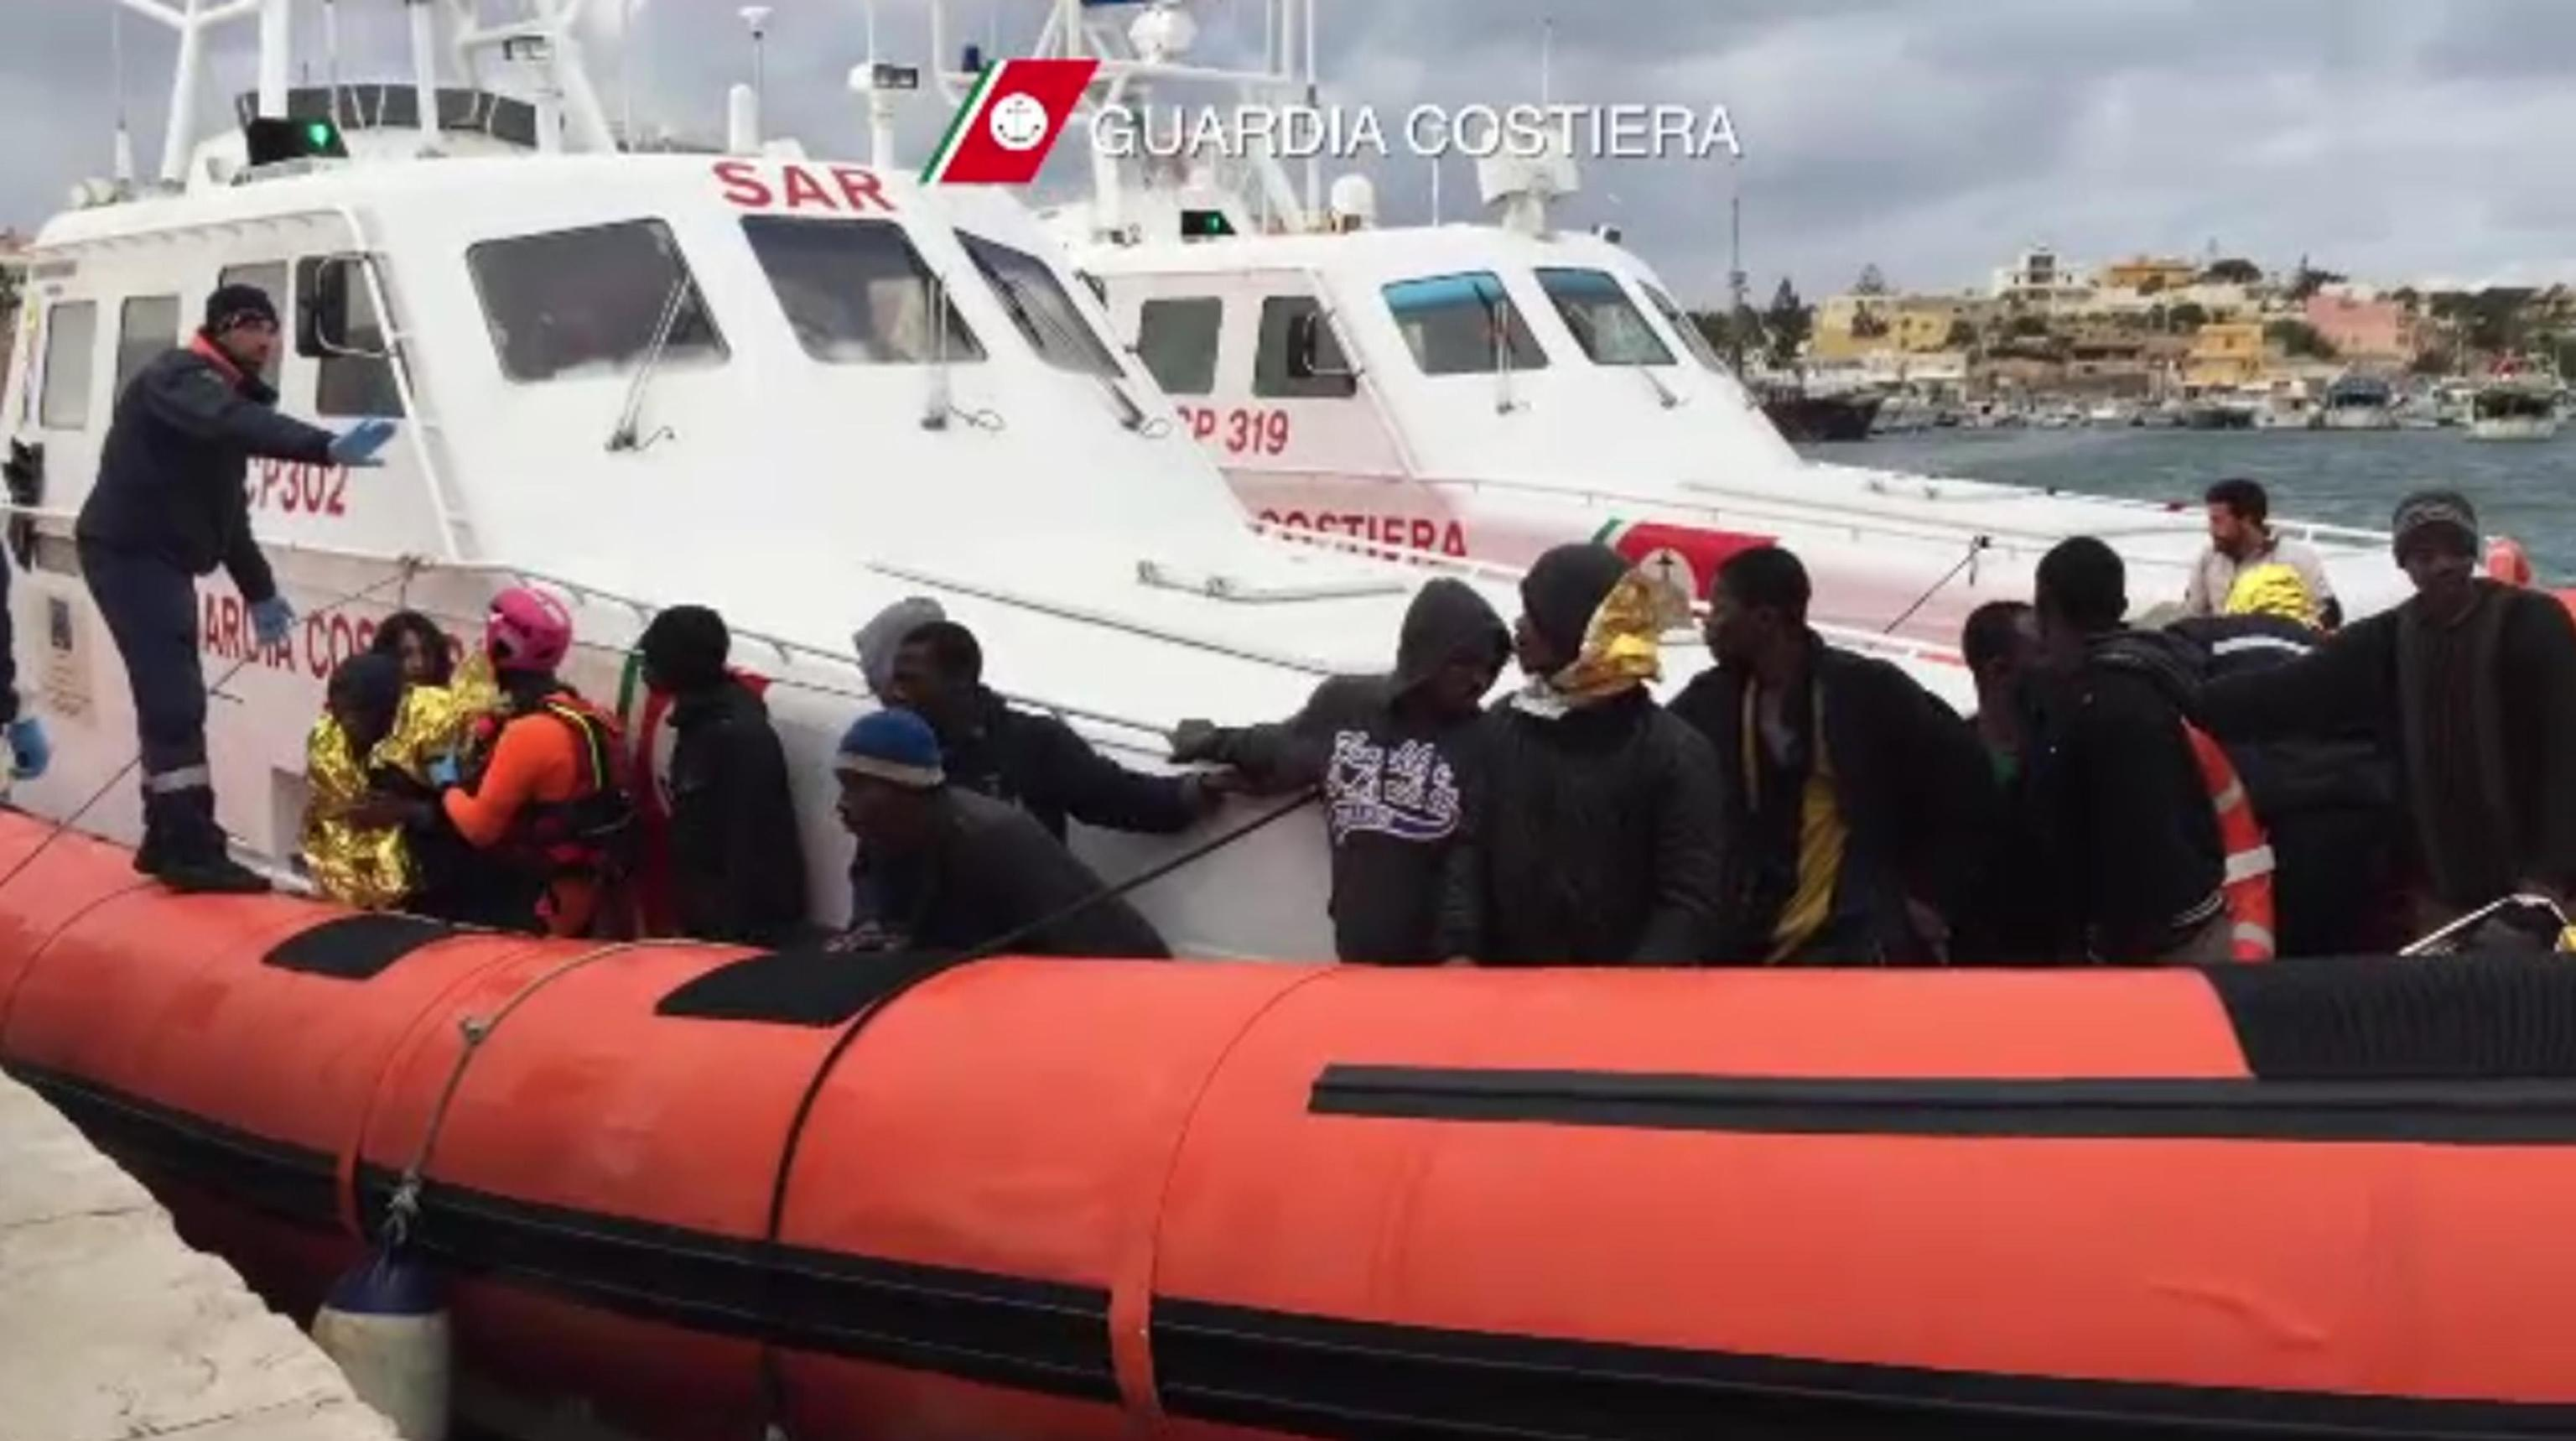 Lampedusa, Guardia costiera soccorre 87 migranti